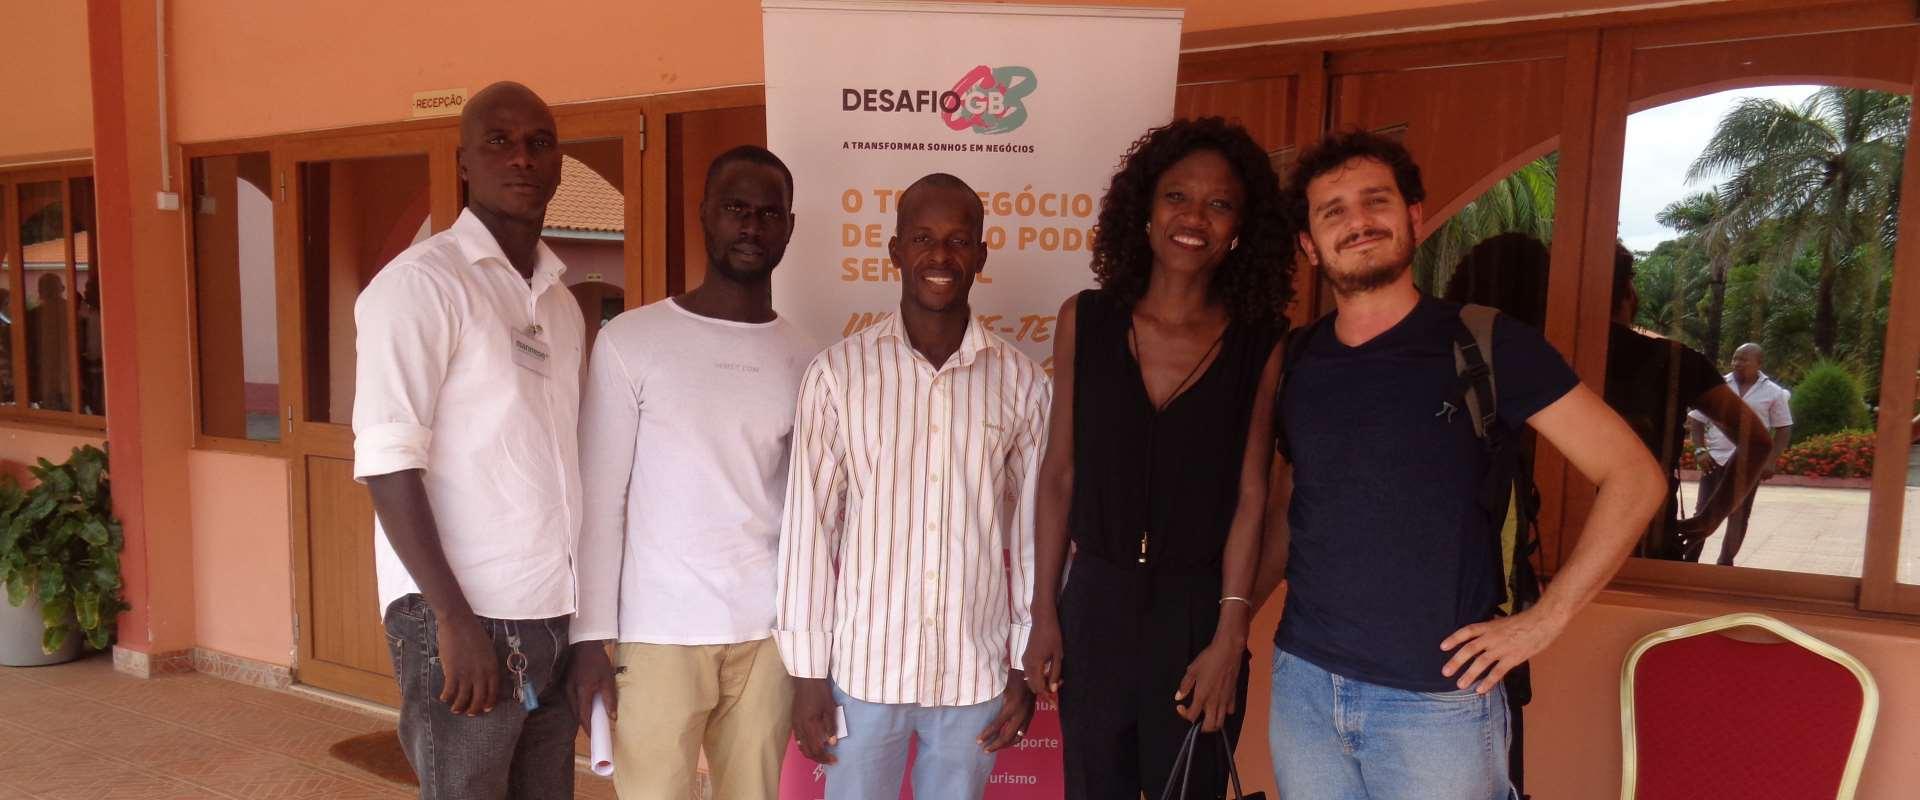 Foto di gruppo conferenza sviluppo micro imprese